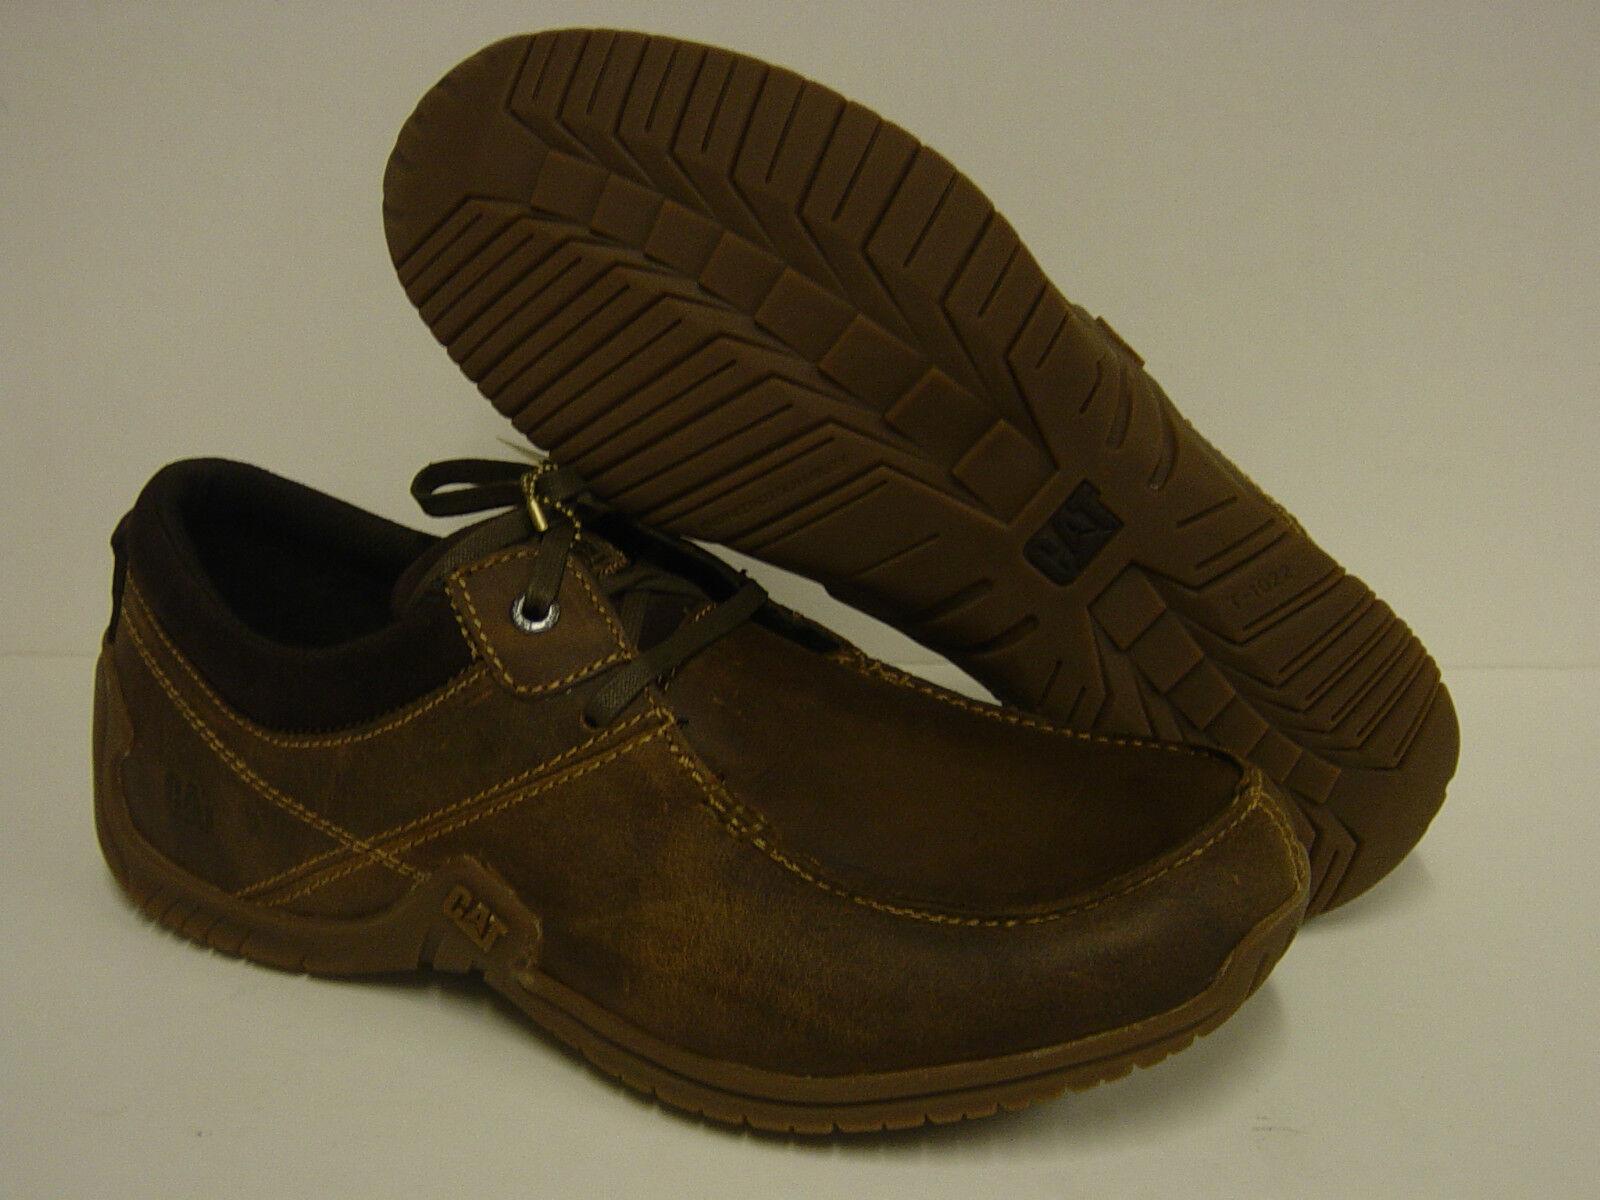 Zapatos De Cuero nuevo Para hombres CATERPILLAR CAT excedente con Cordones Tenis Marrón P714953